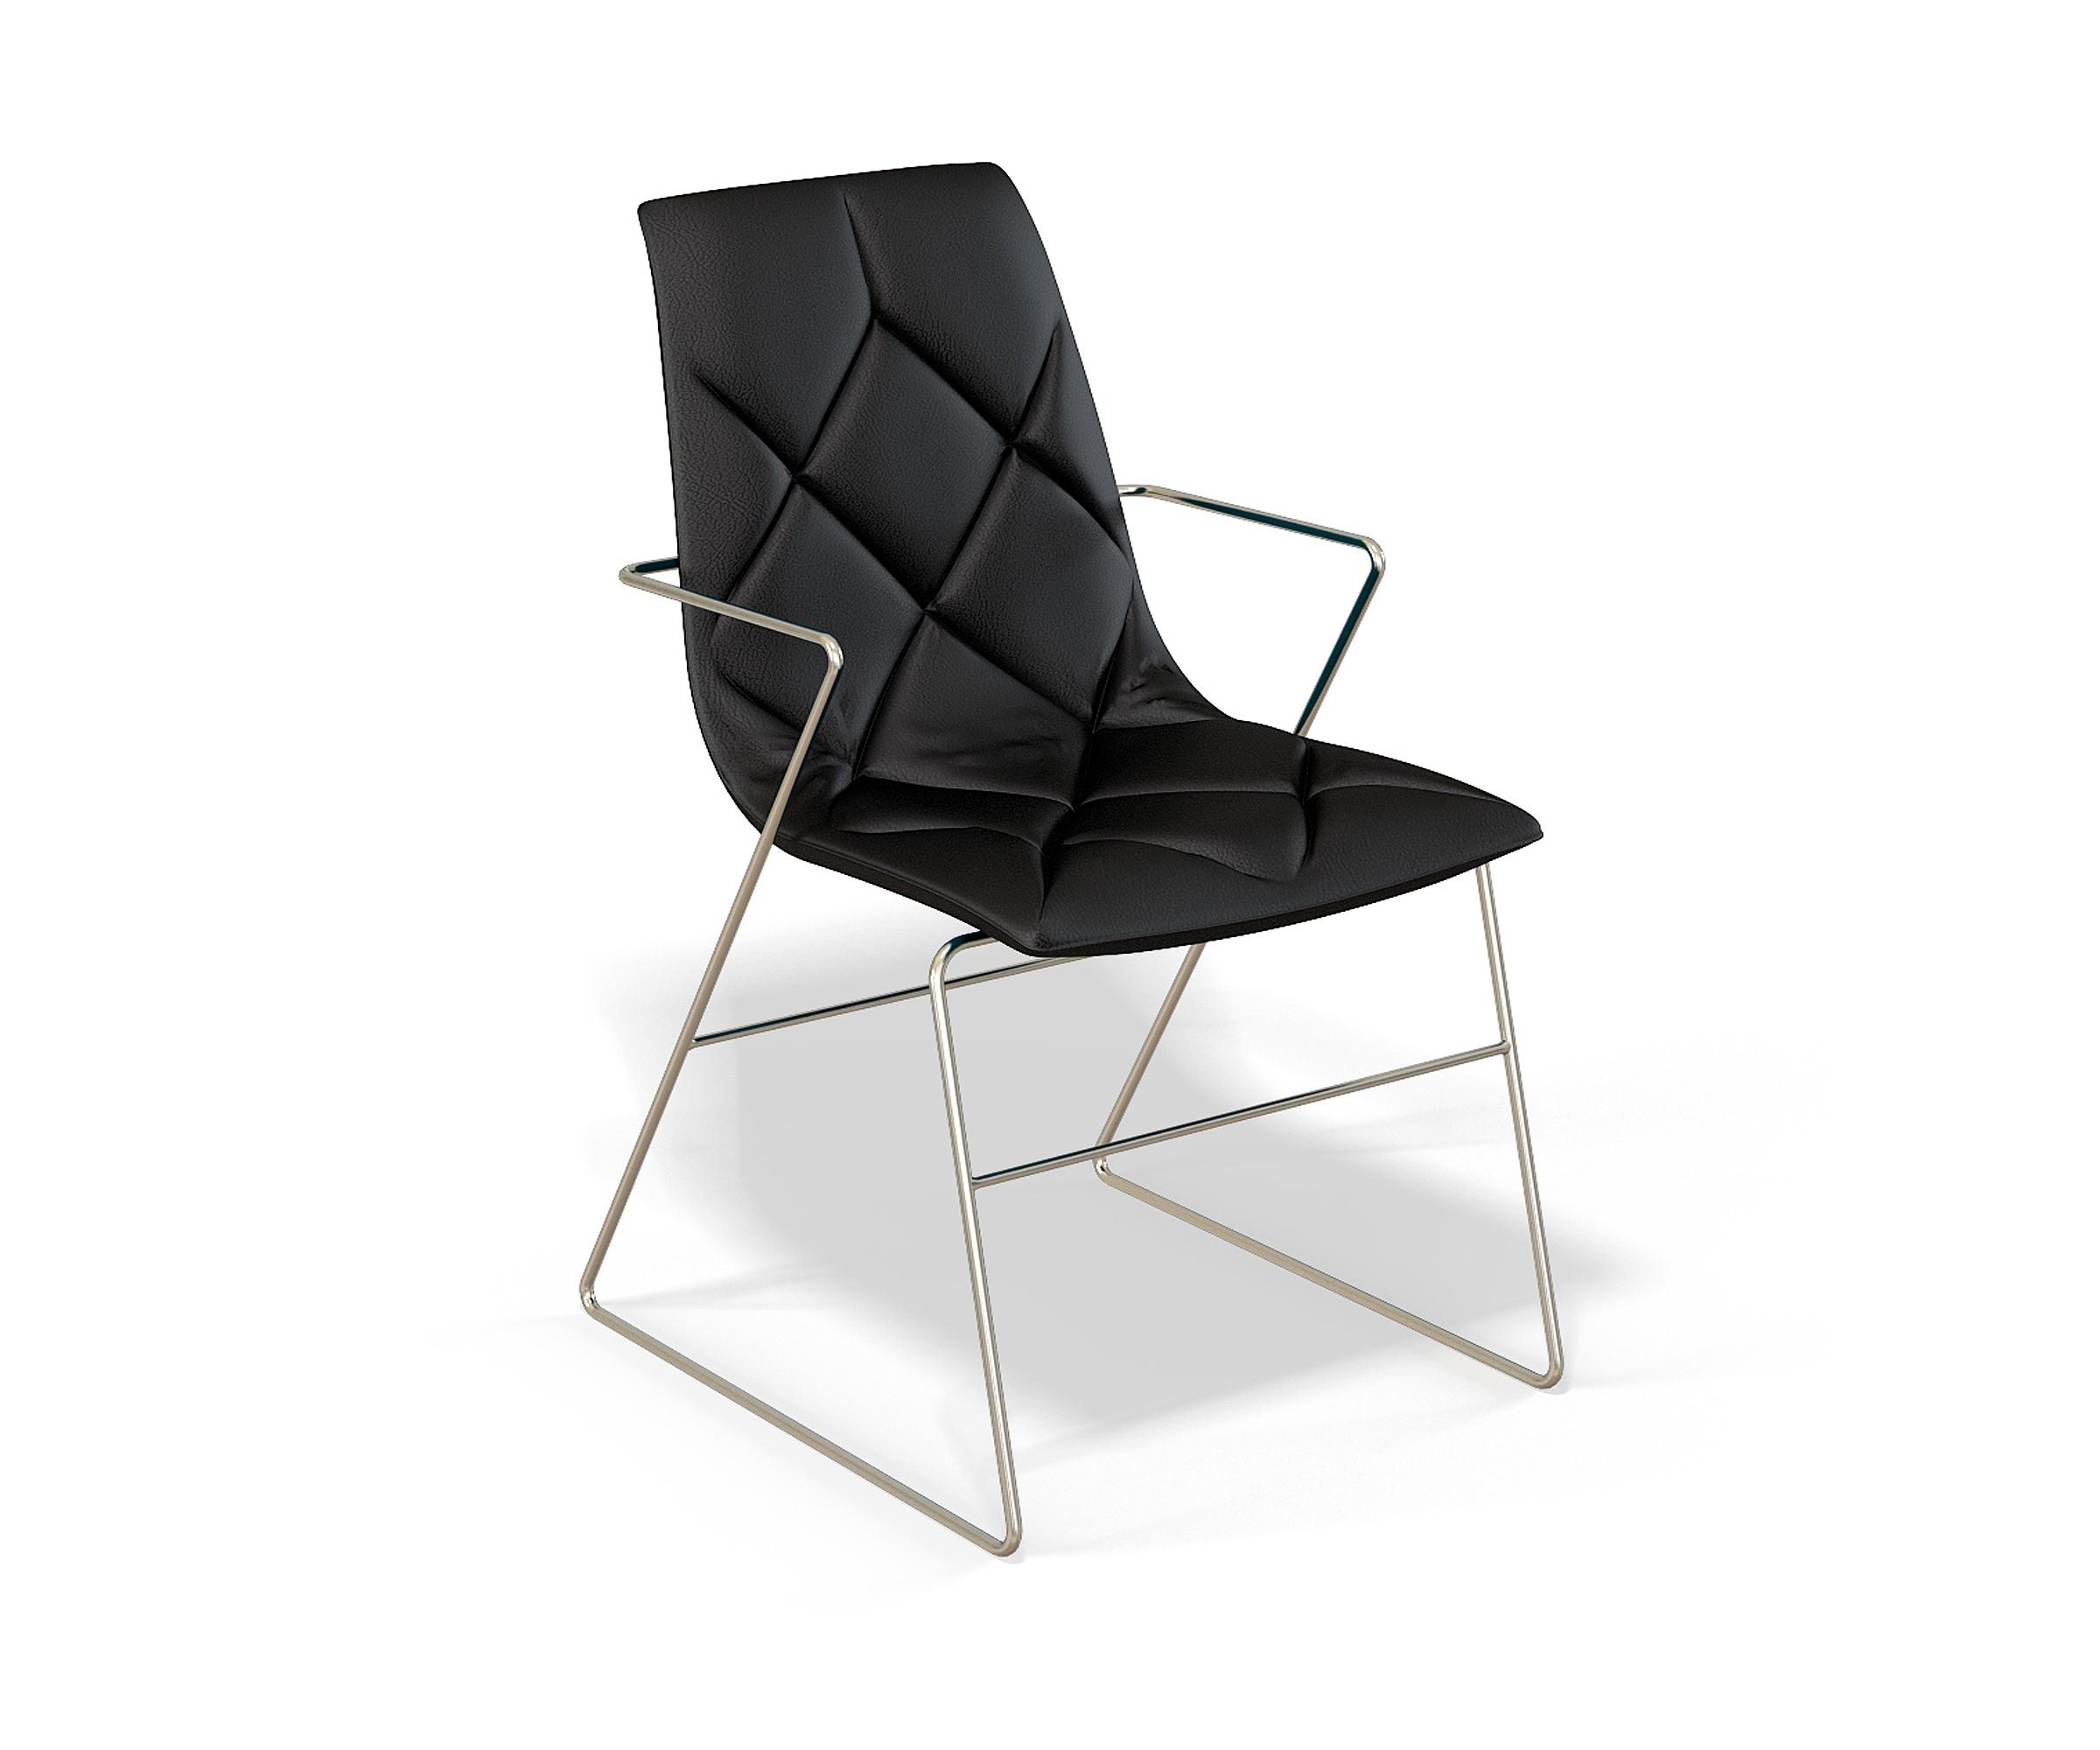 Стул KennerОбеденные стулья<br>Высота от пола до сиденья 47 см.<br><br>Material: Экокожа<br>Ширина см: 47.0<br>Высота см: 94.0<br>Глубина см: 41.0